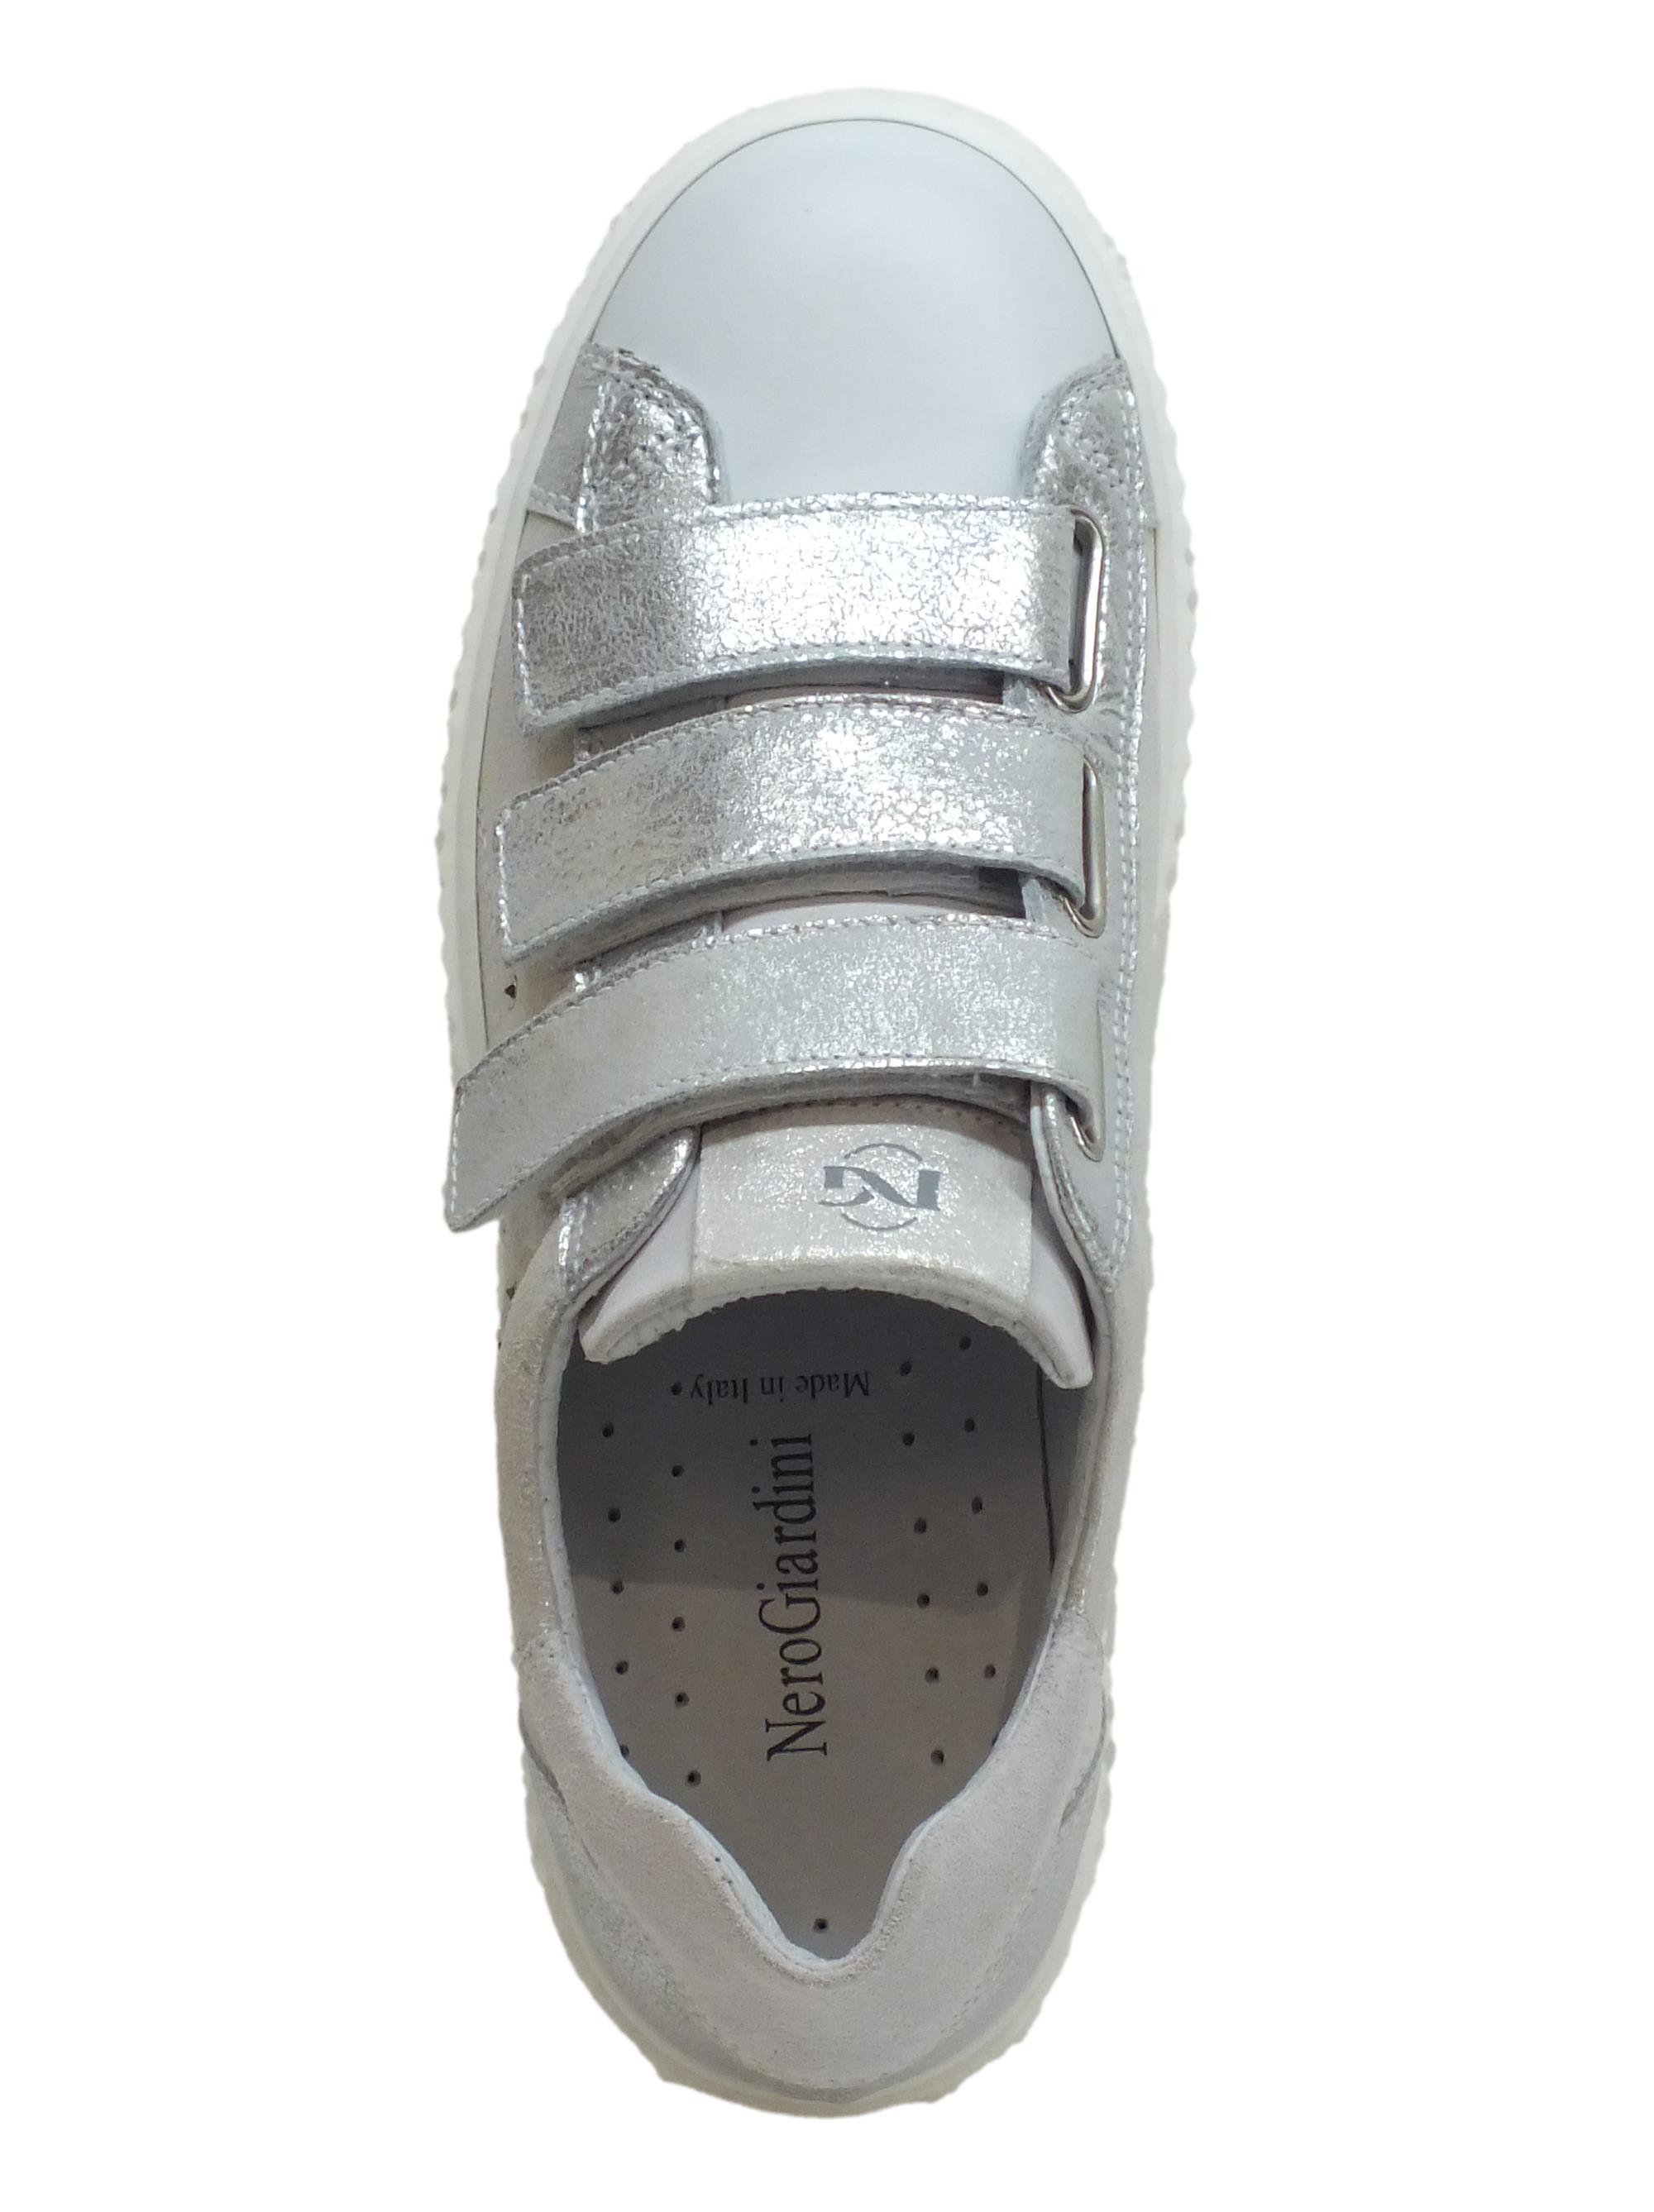 ... Sneakers NeroGiardini per donna in pelle bianca ed argento spazzolato 6432992f5df